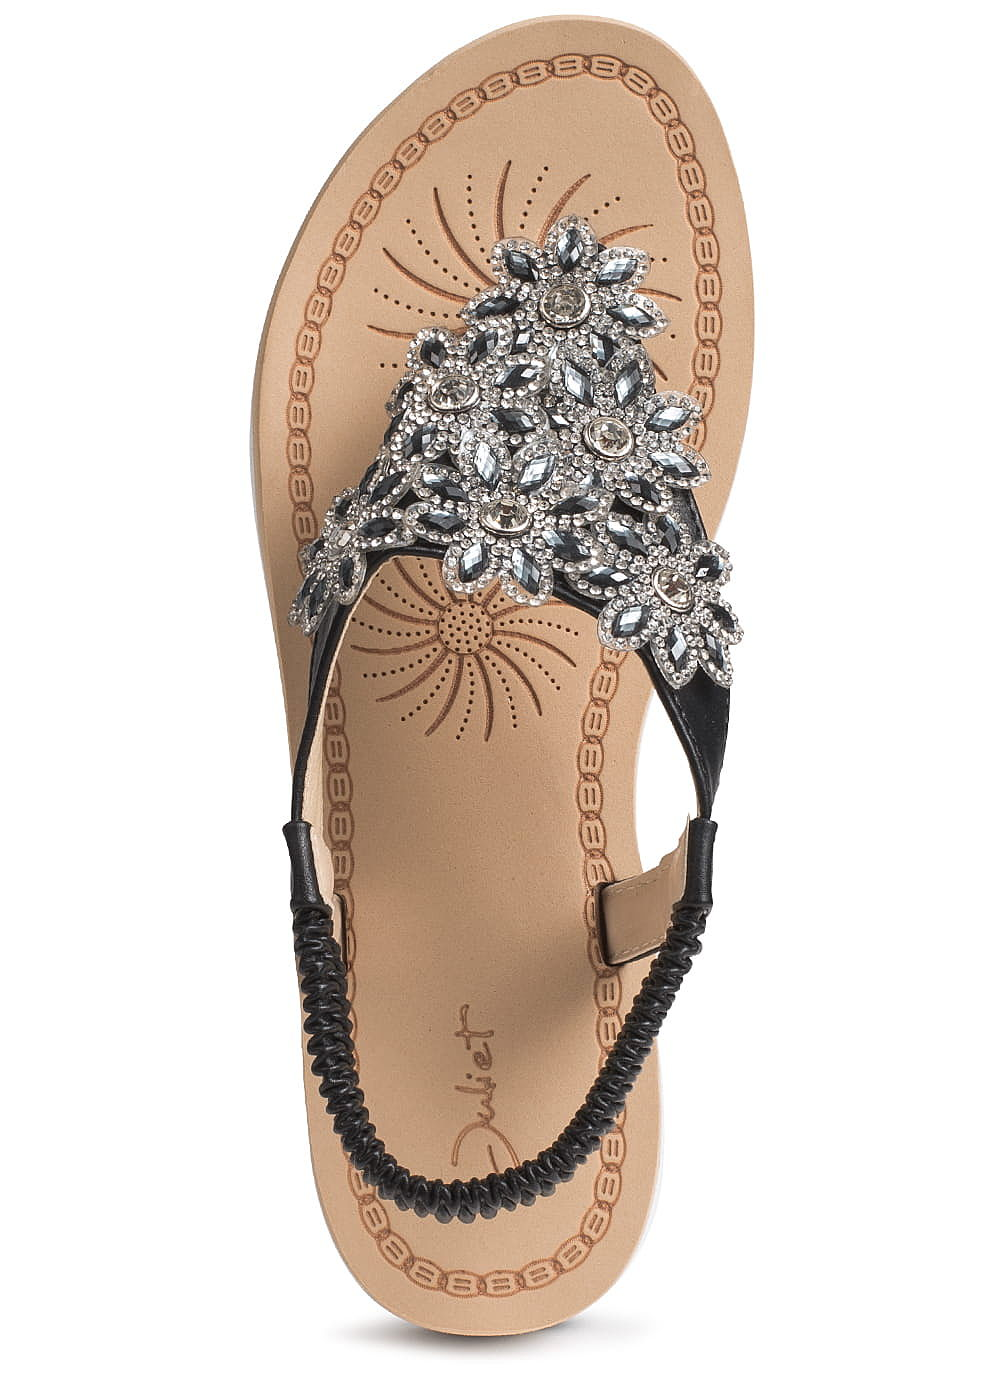 5b6d833c5008a9 Seventyseven Lifestyle Schuh Damen Sandalette deko Steine Blumen ...